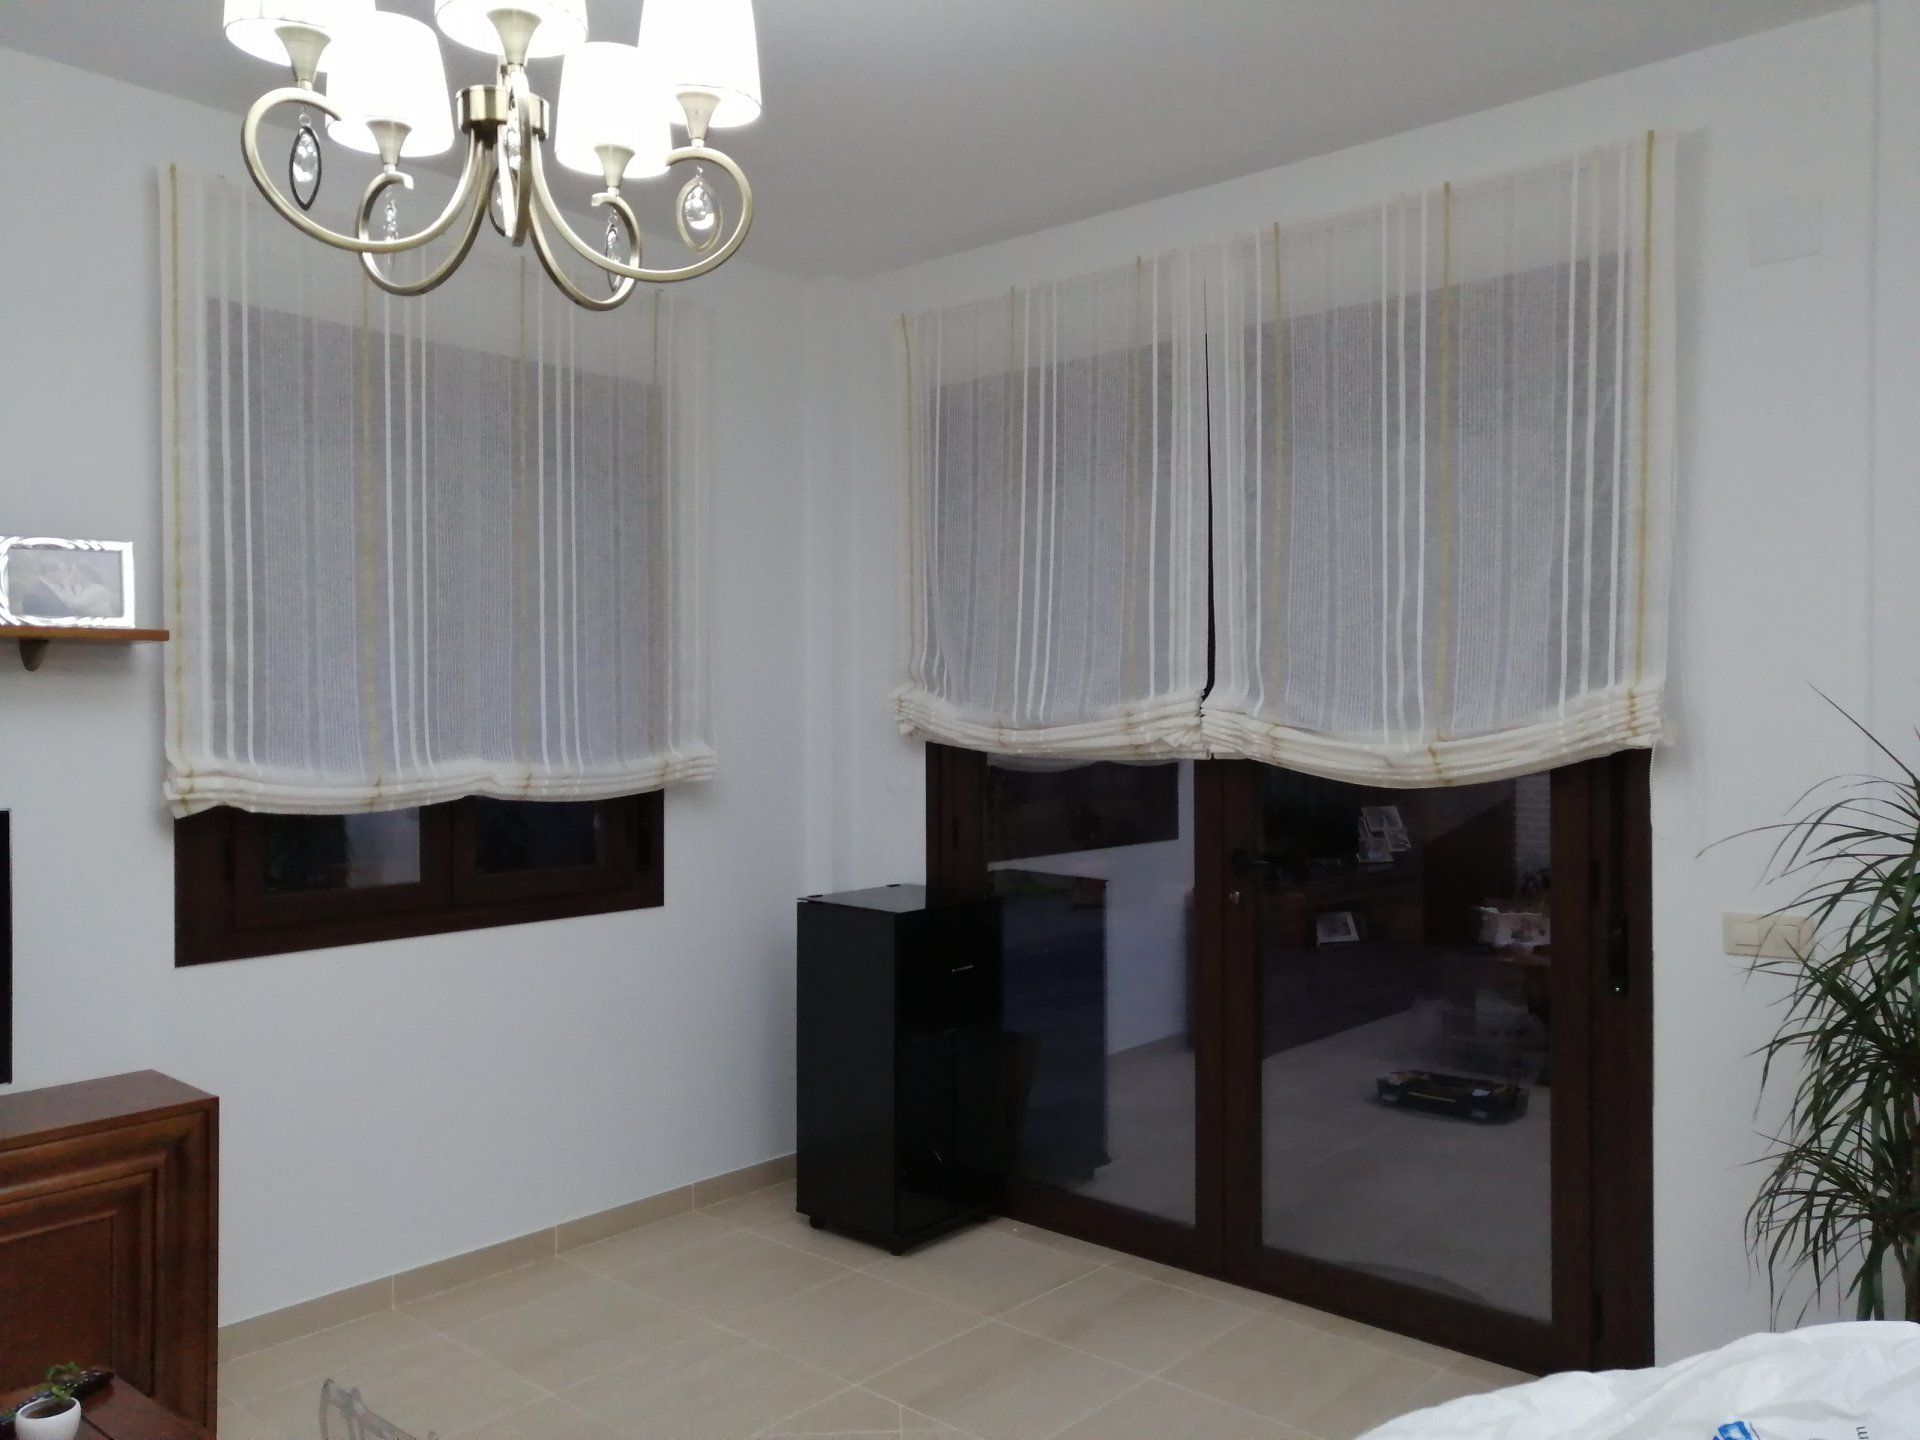 Comprar cortinas baratas en Alcalá de Henares